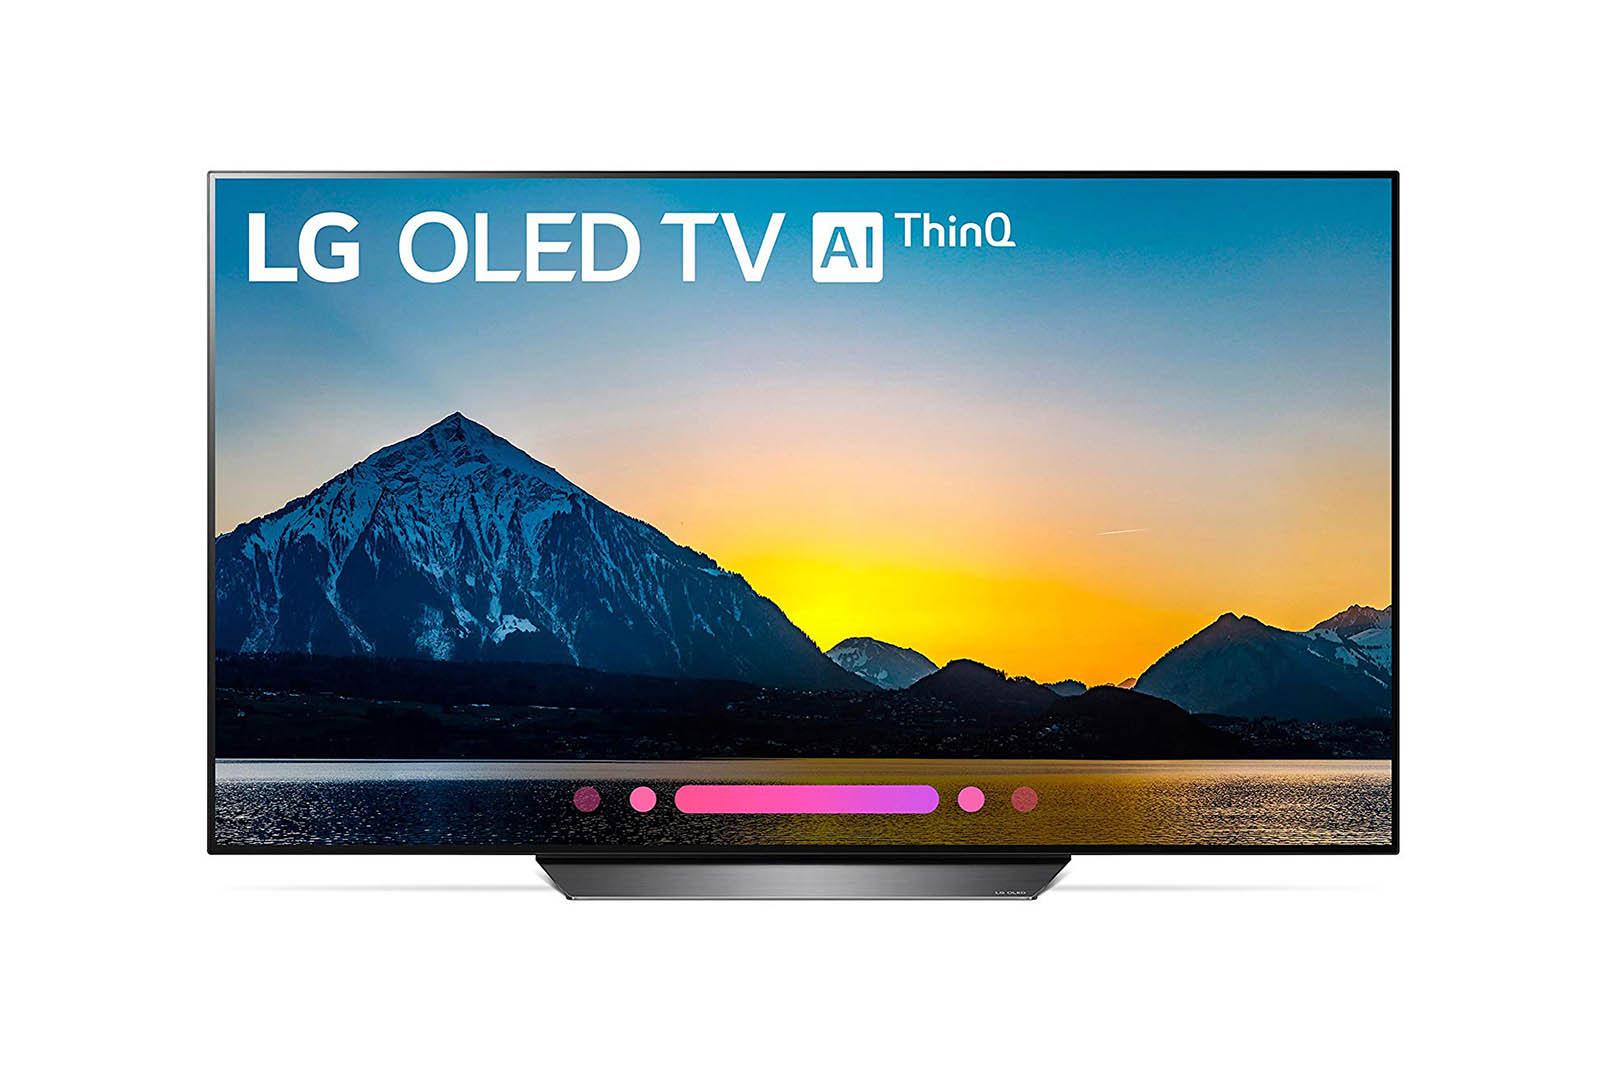 Wirecutter's best deals: $450 off an LG OLED TV